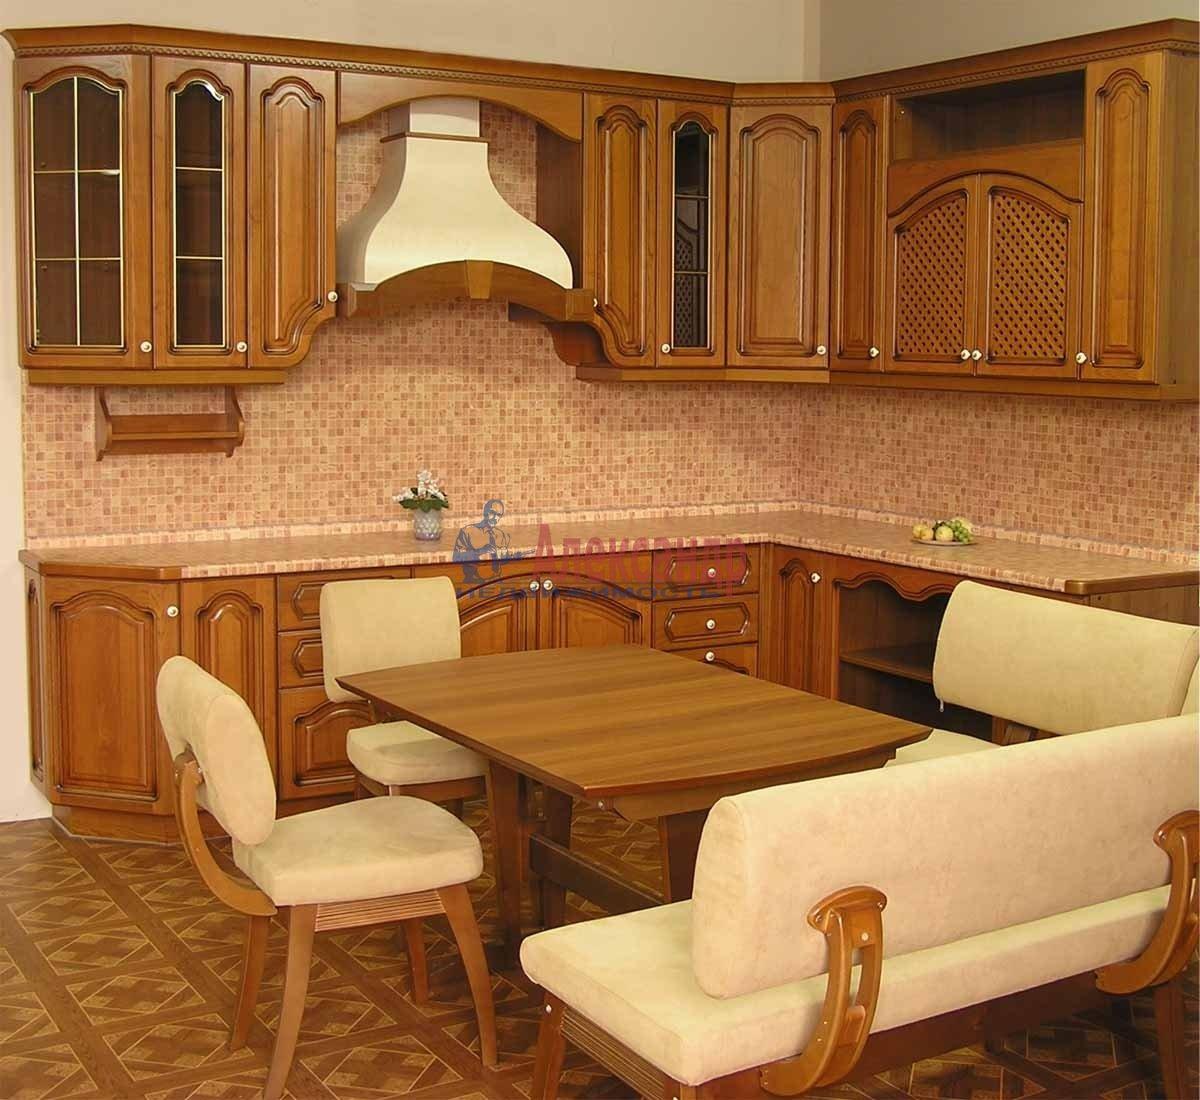 1-комнатная квартира (35м2) в аренду по адресу Космонавтов просп., 27— фото 2 из 2